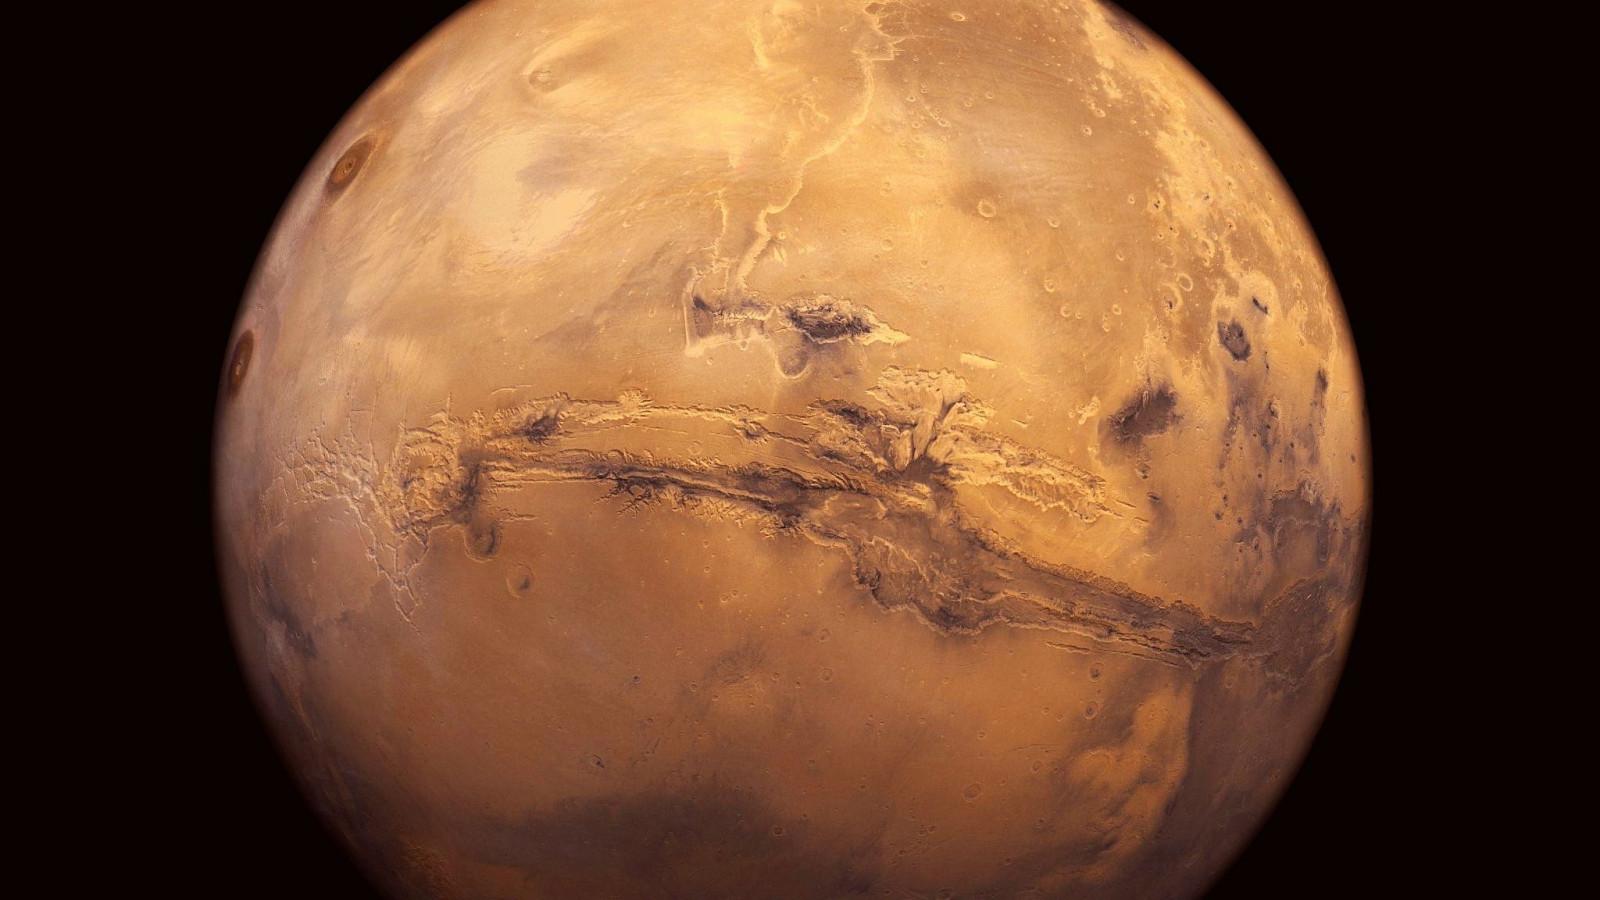 мне планета марс фото крупным планом делать если